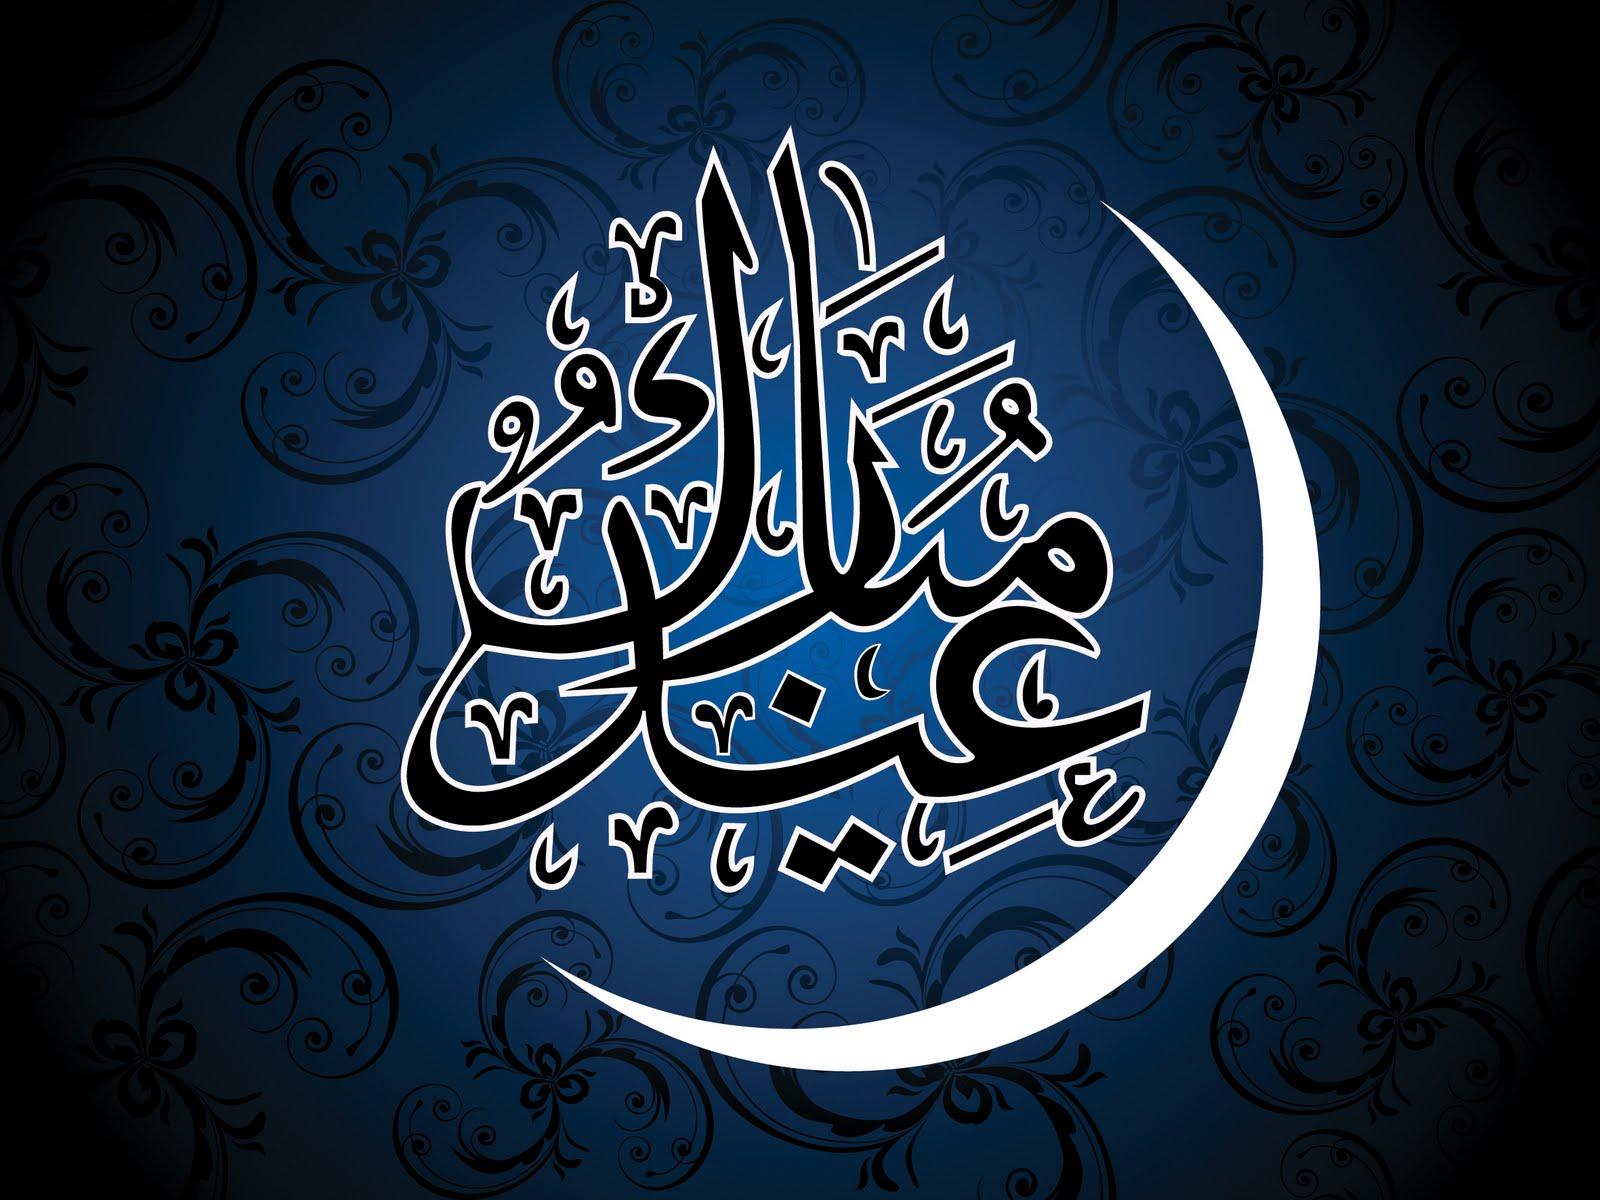 New Eid Ul Fitr Mubarak Hd 1600x1200 Wallpaper Teahub Io